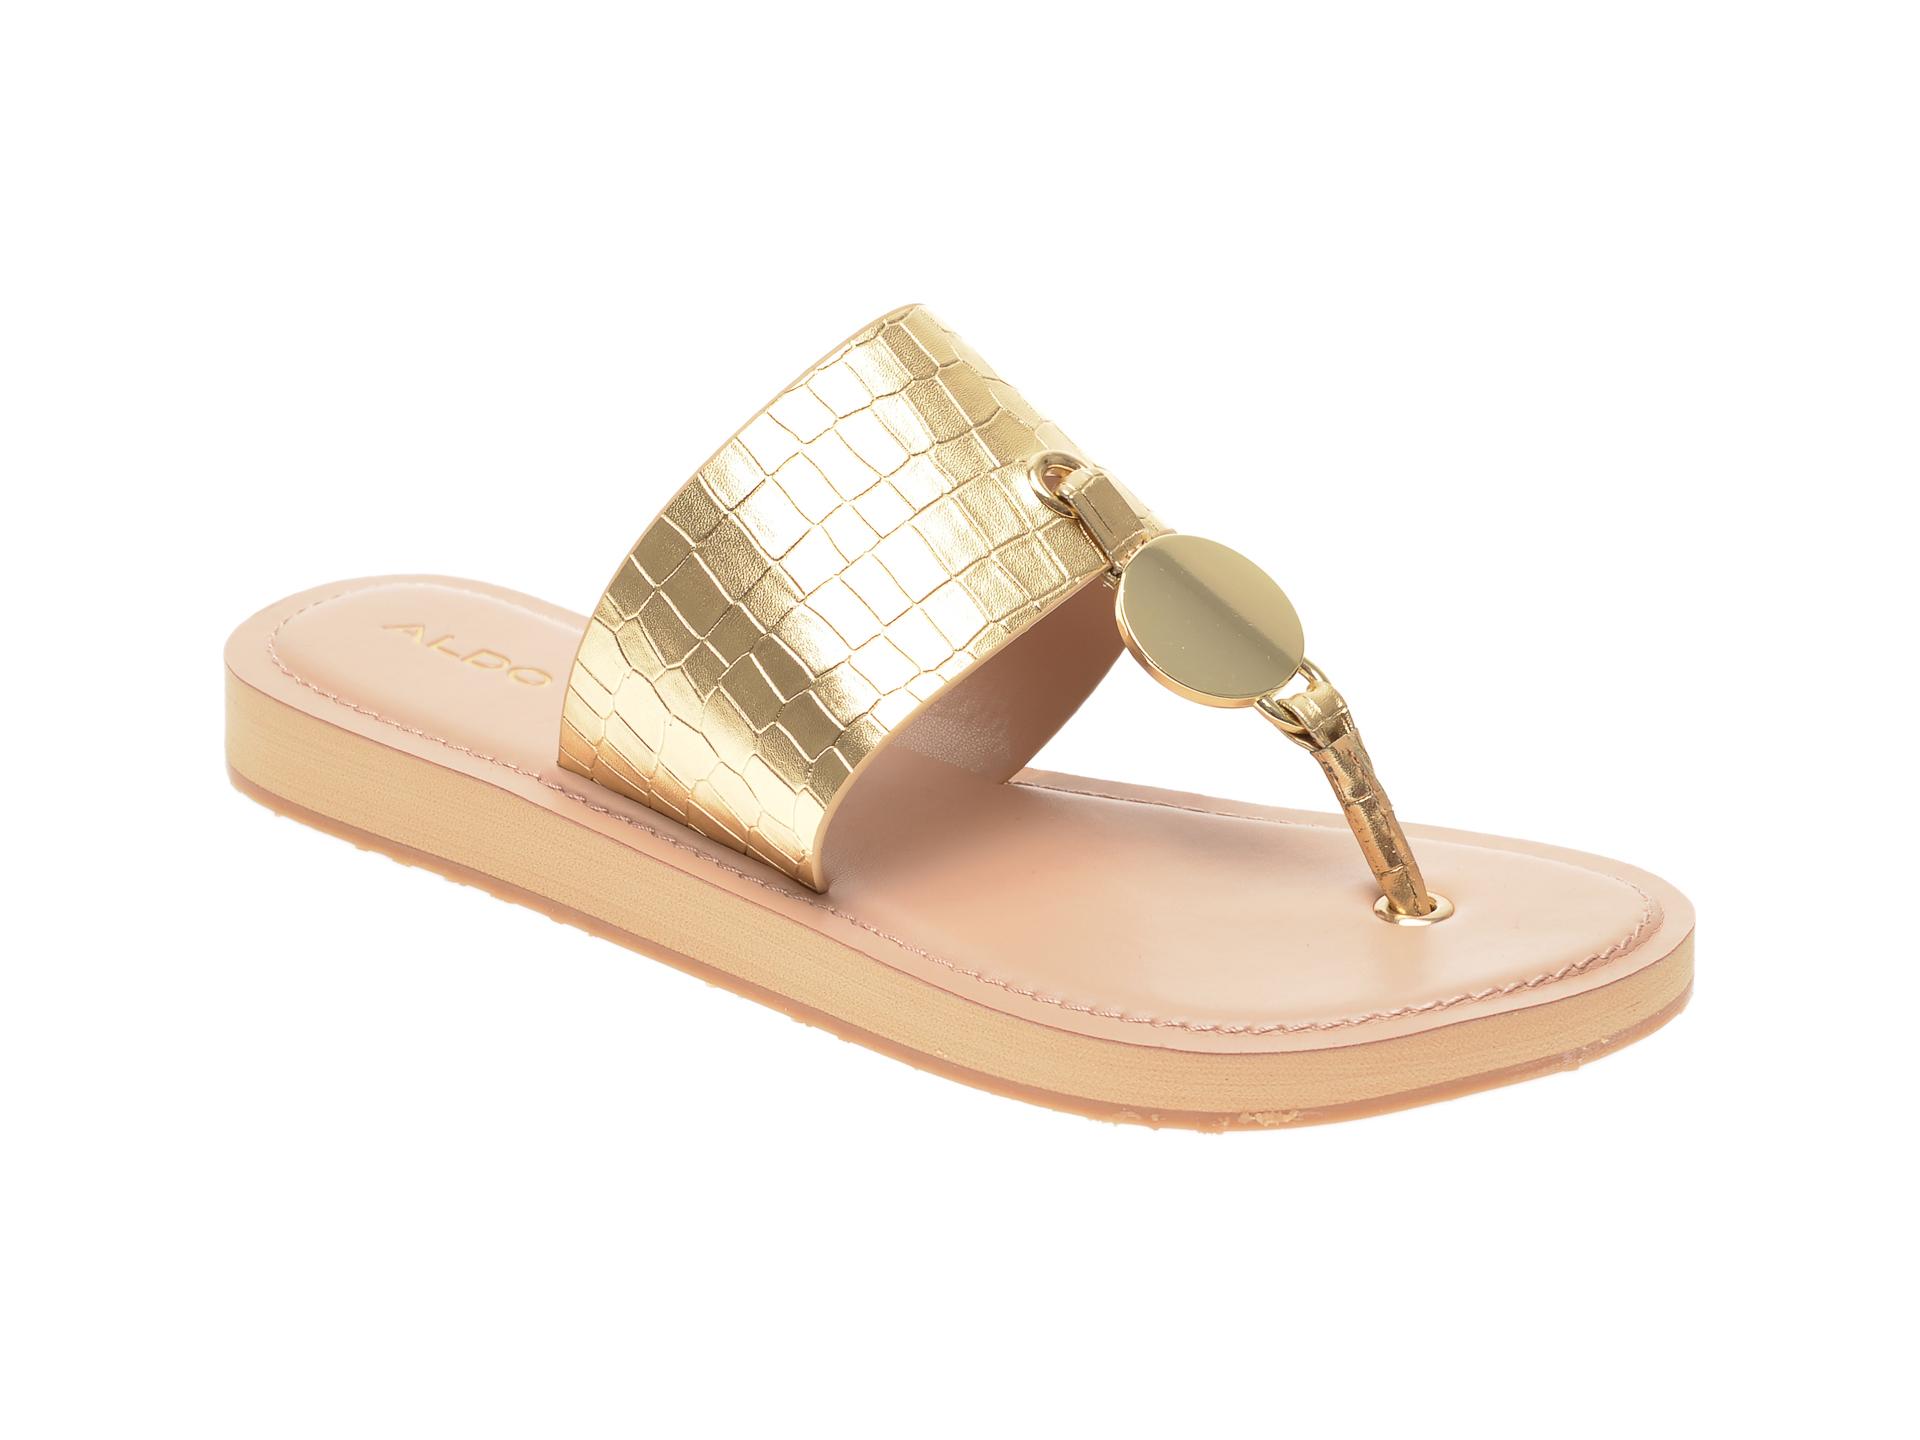 Papuci ALDO aurii, Yilania711, din piele ecologica